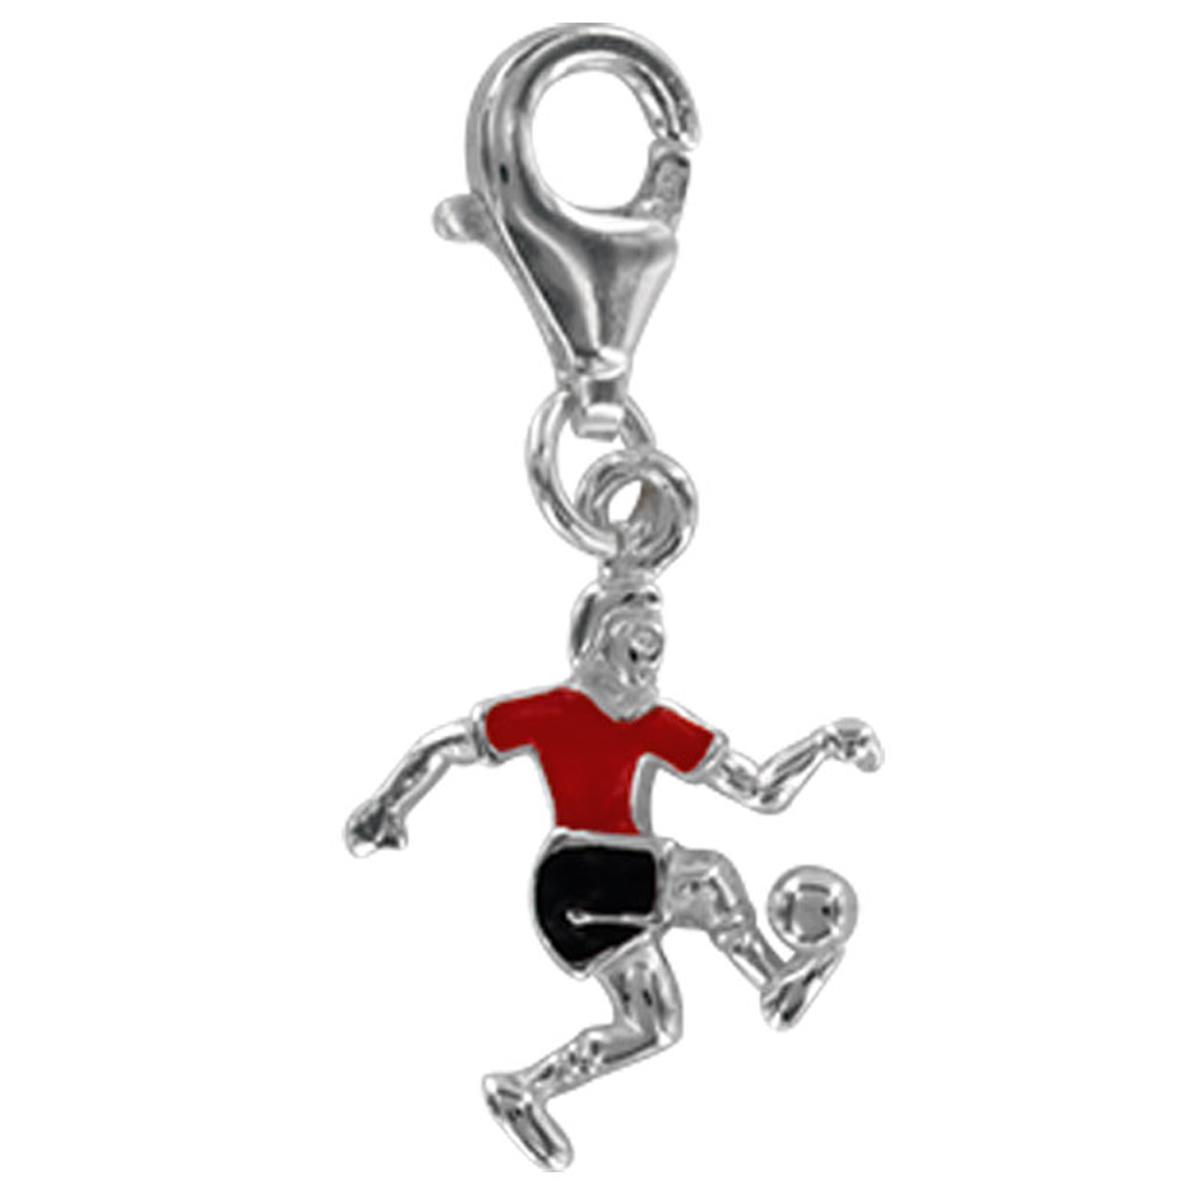 Pendentif charm argent \'Football\' rouge noir argenté (rhodié) - 14x12 mm - [Q4916]